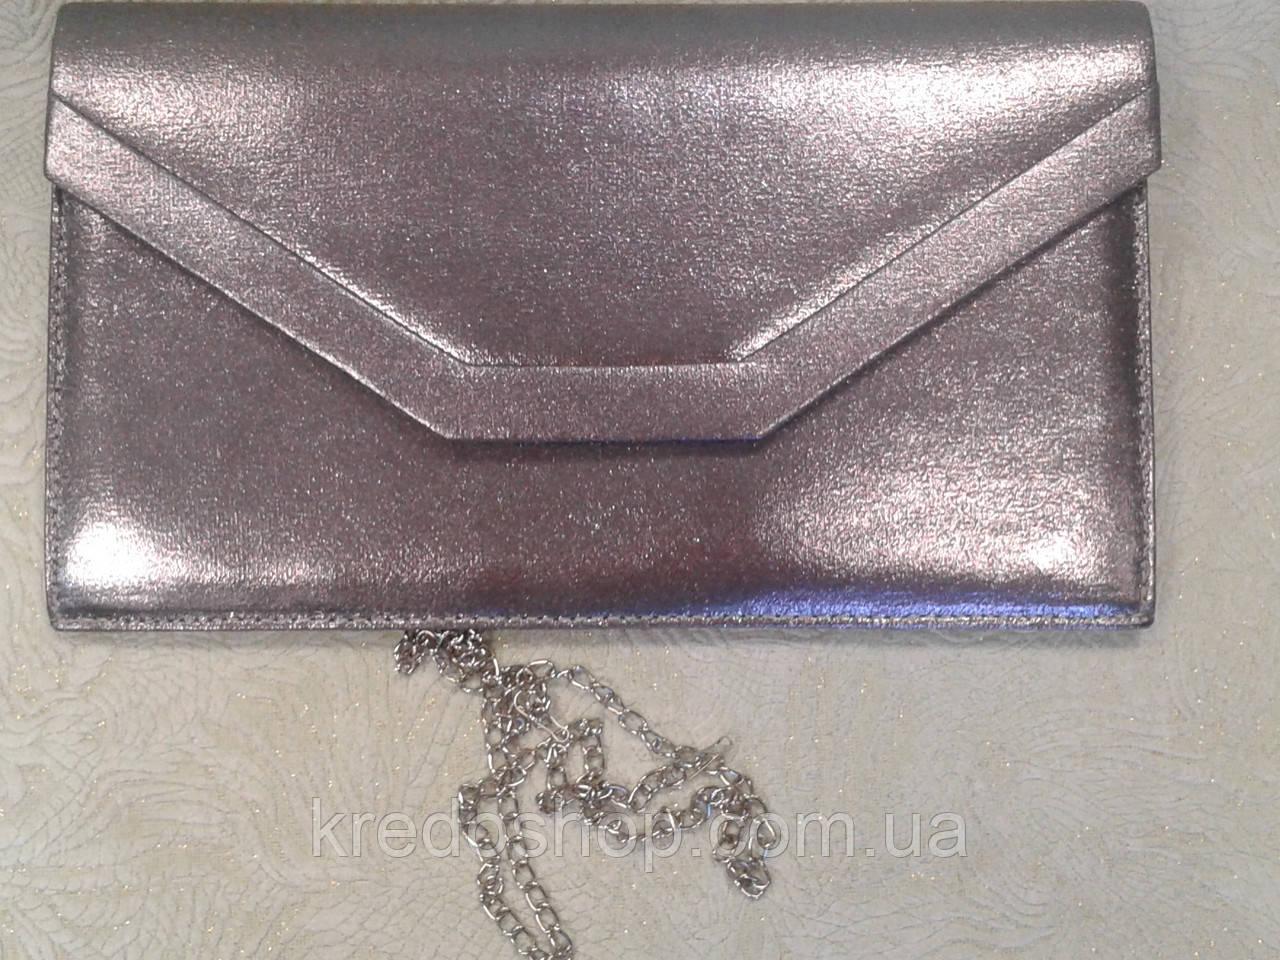 c3cc3b4a53ea Клатч вечерний серебристый стильный красивый (Турция): продажа, цена ...